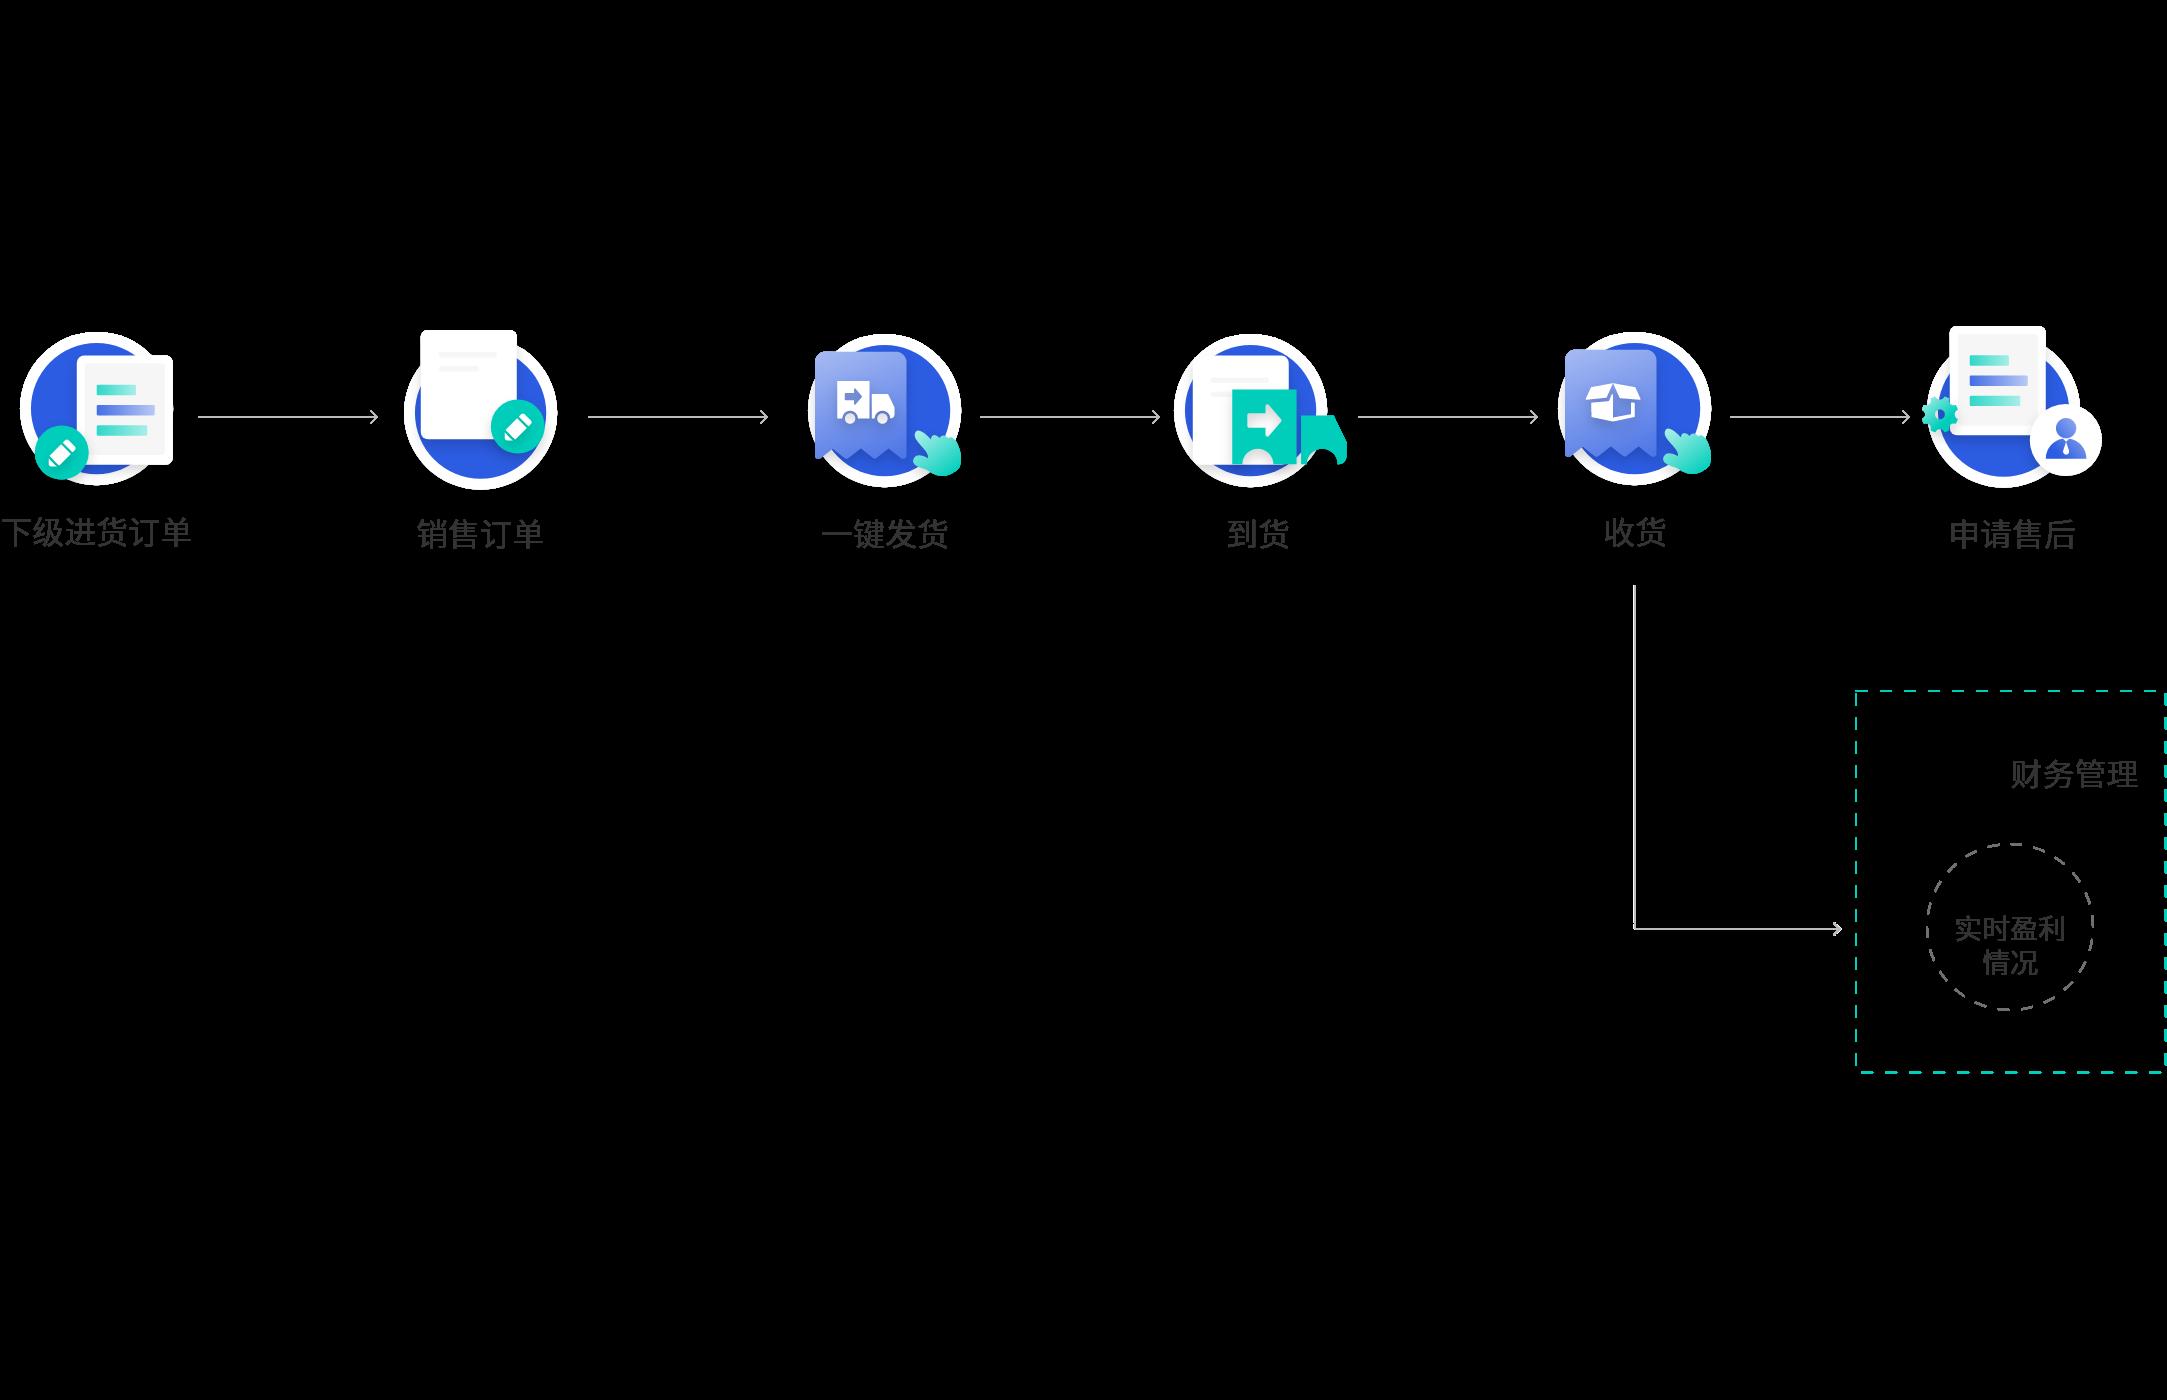 分销系统订单管理流程